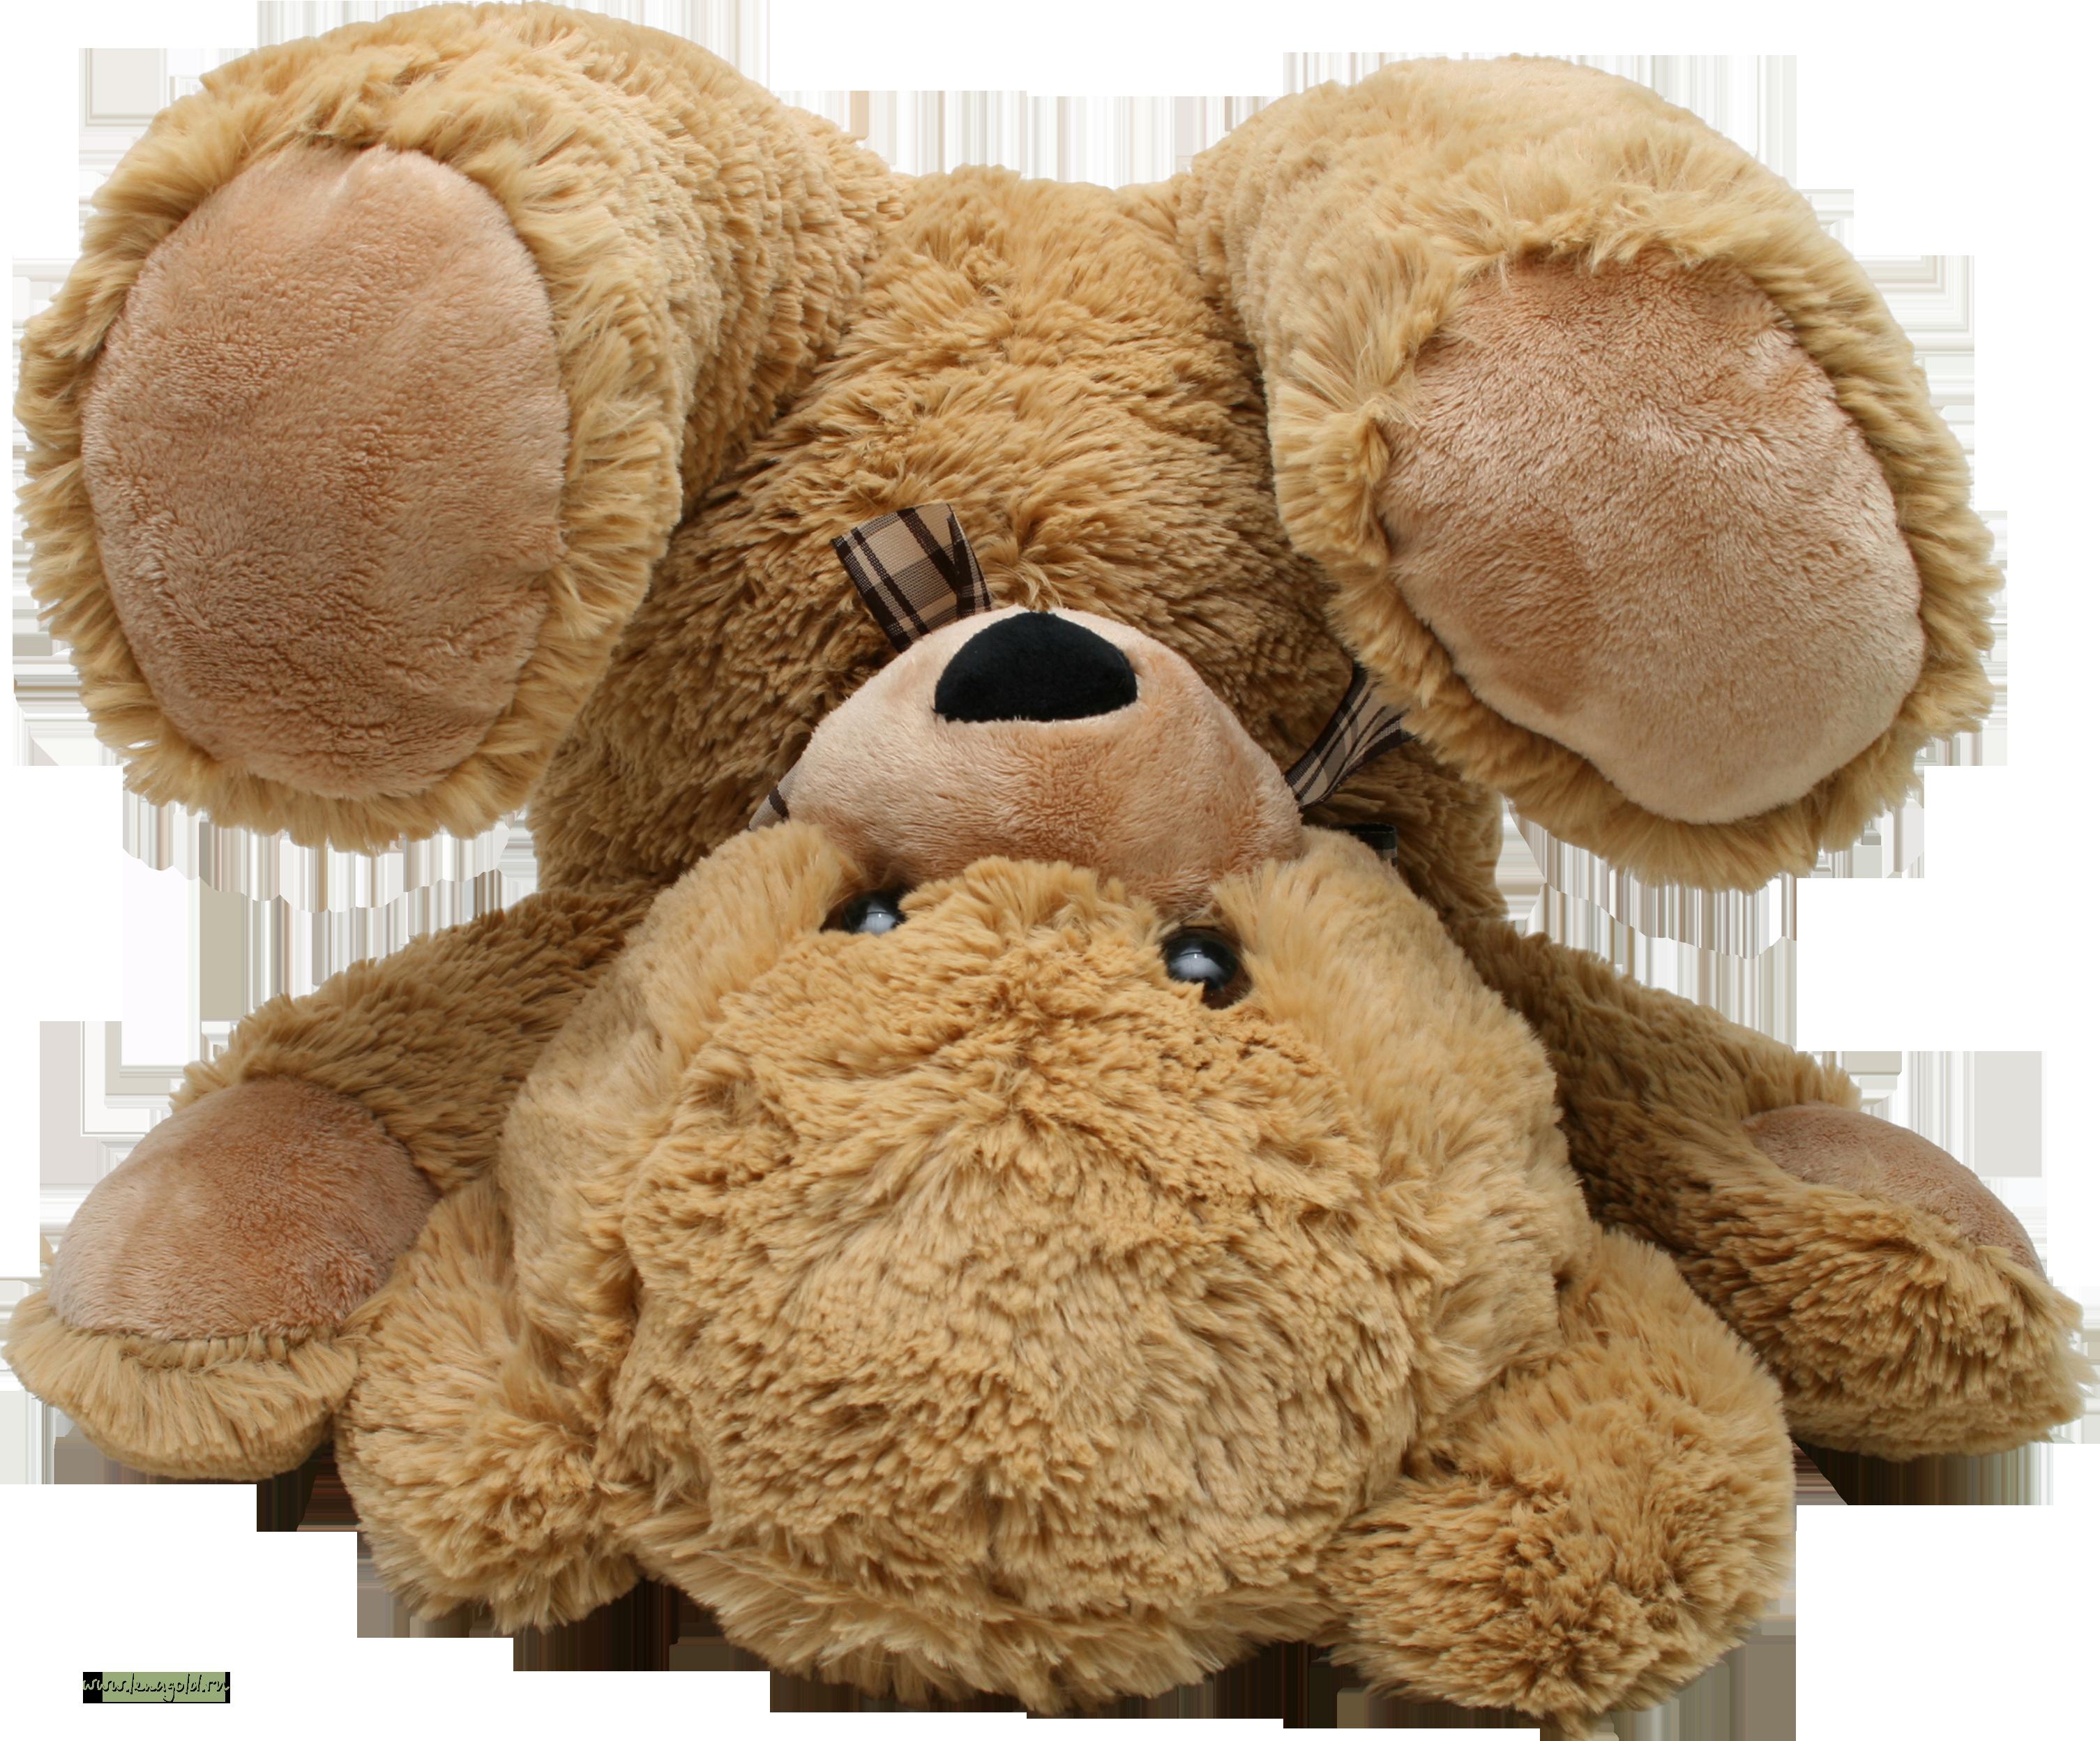 Teddy Bear Photos